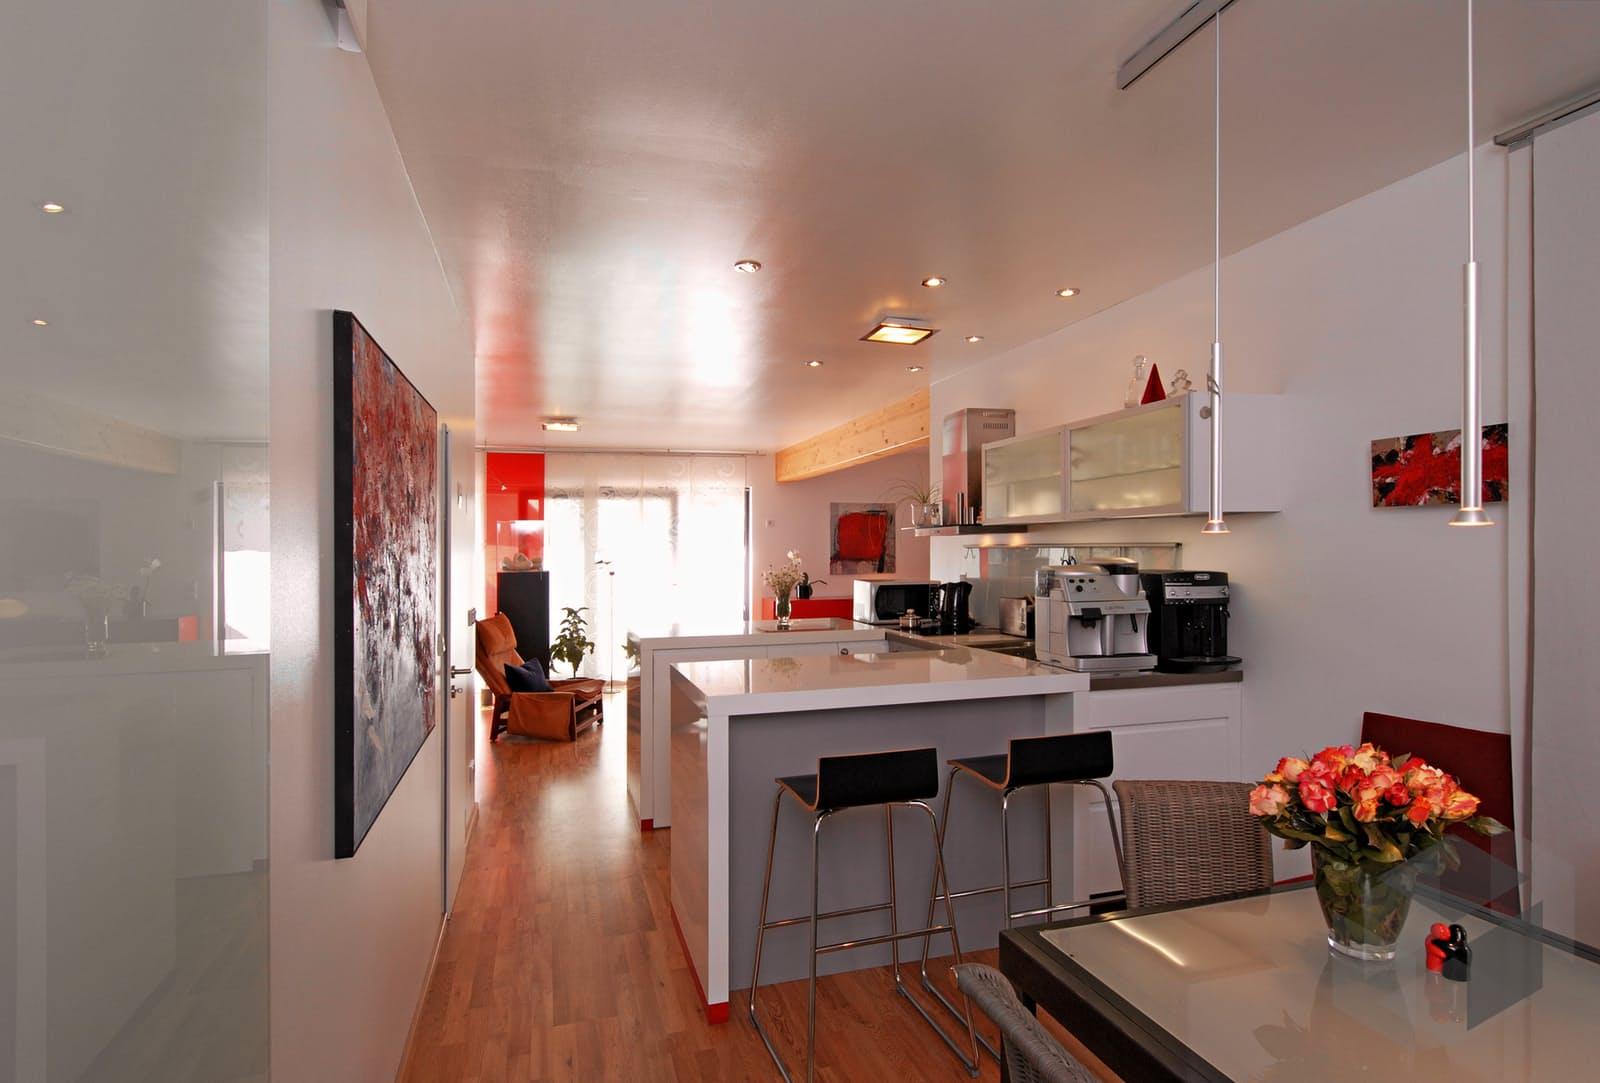 dorstewitz inactive von fertighaus weiss komplette daten bersicht. Black Bedroom Furniture Sets. Home Design Ideas